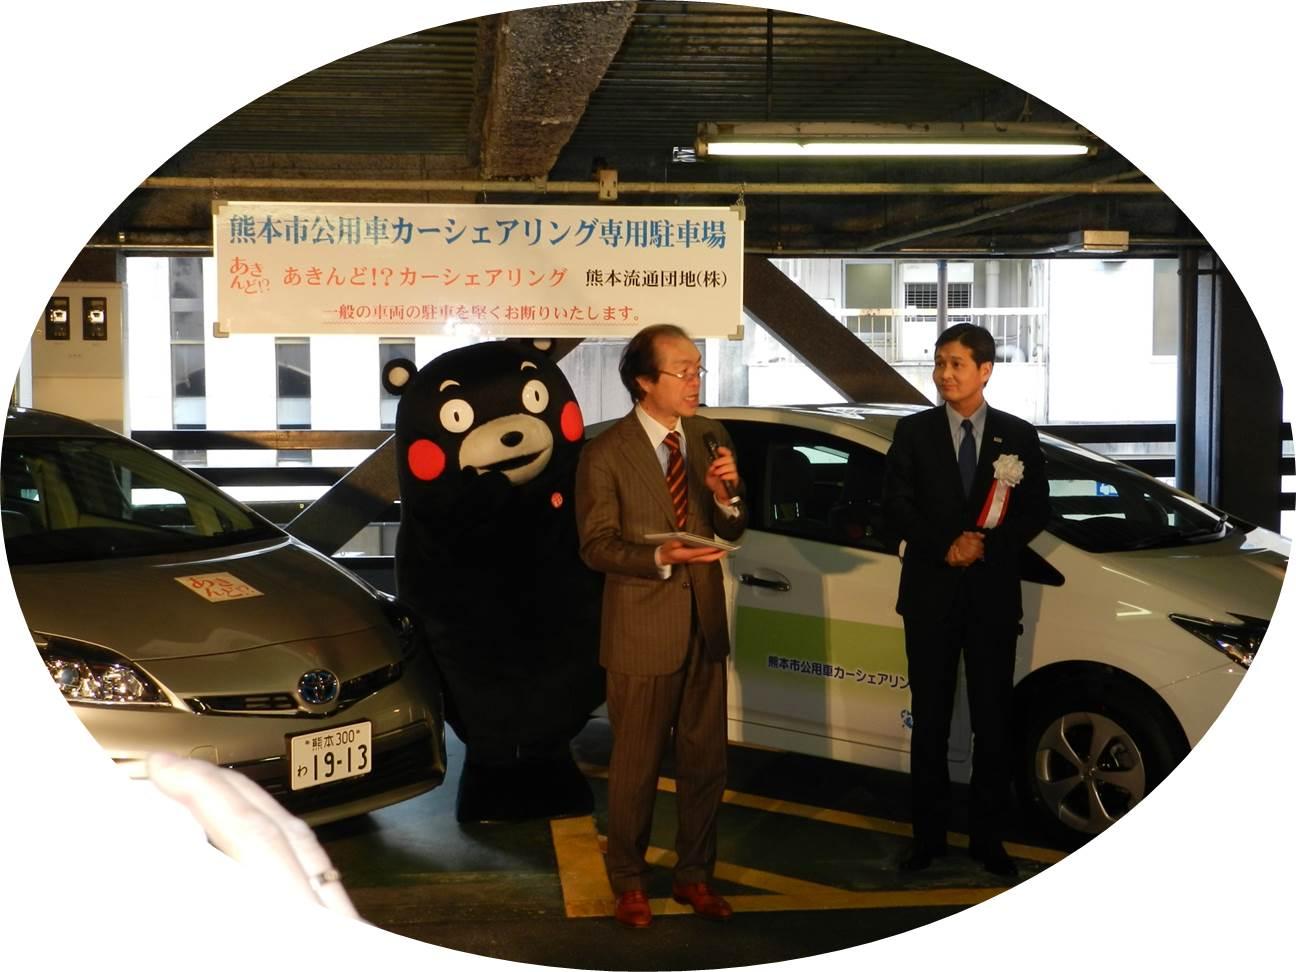 熊本市と提携したカーシェアリングのキックオフセレモニー風景~幸山熊本市長(当時)とくまモンを前にデモンストレーションを行う熊本流通団地 山内専務理事